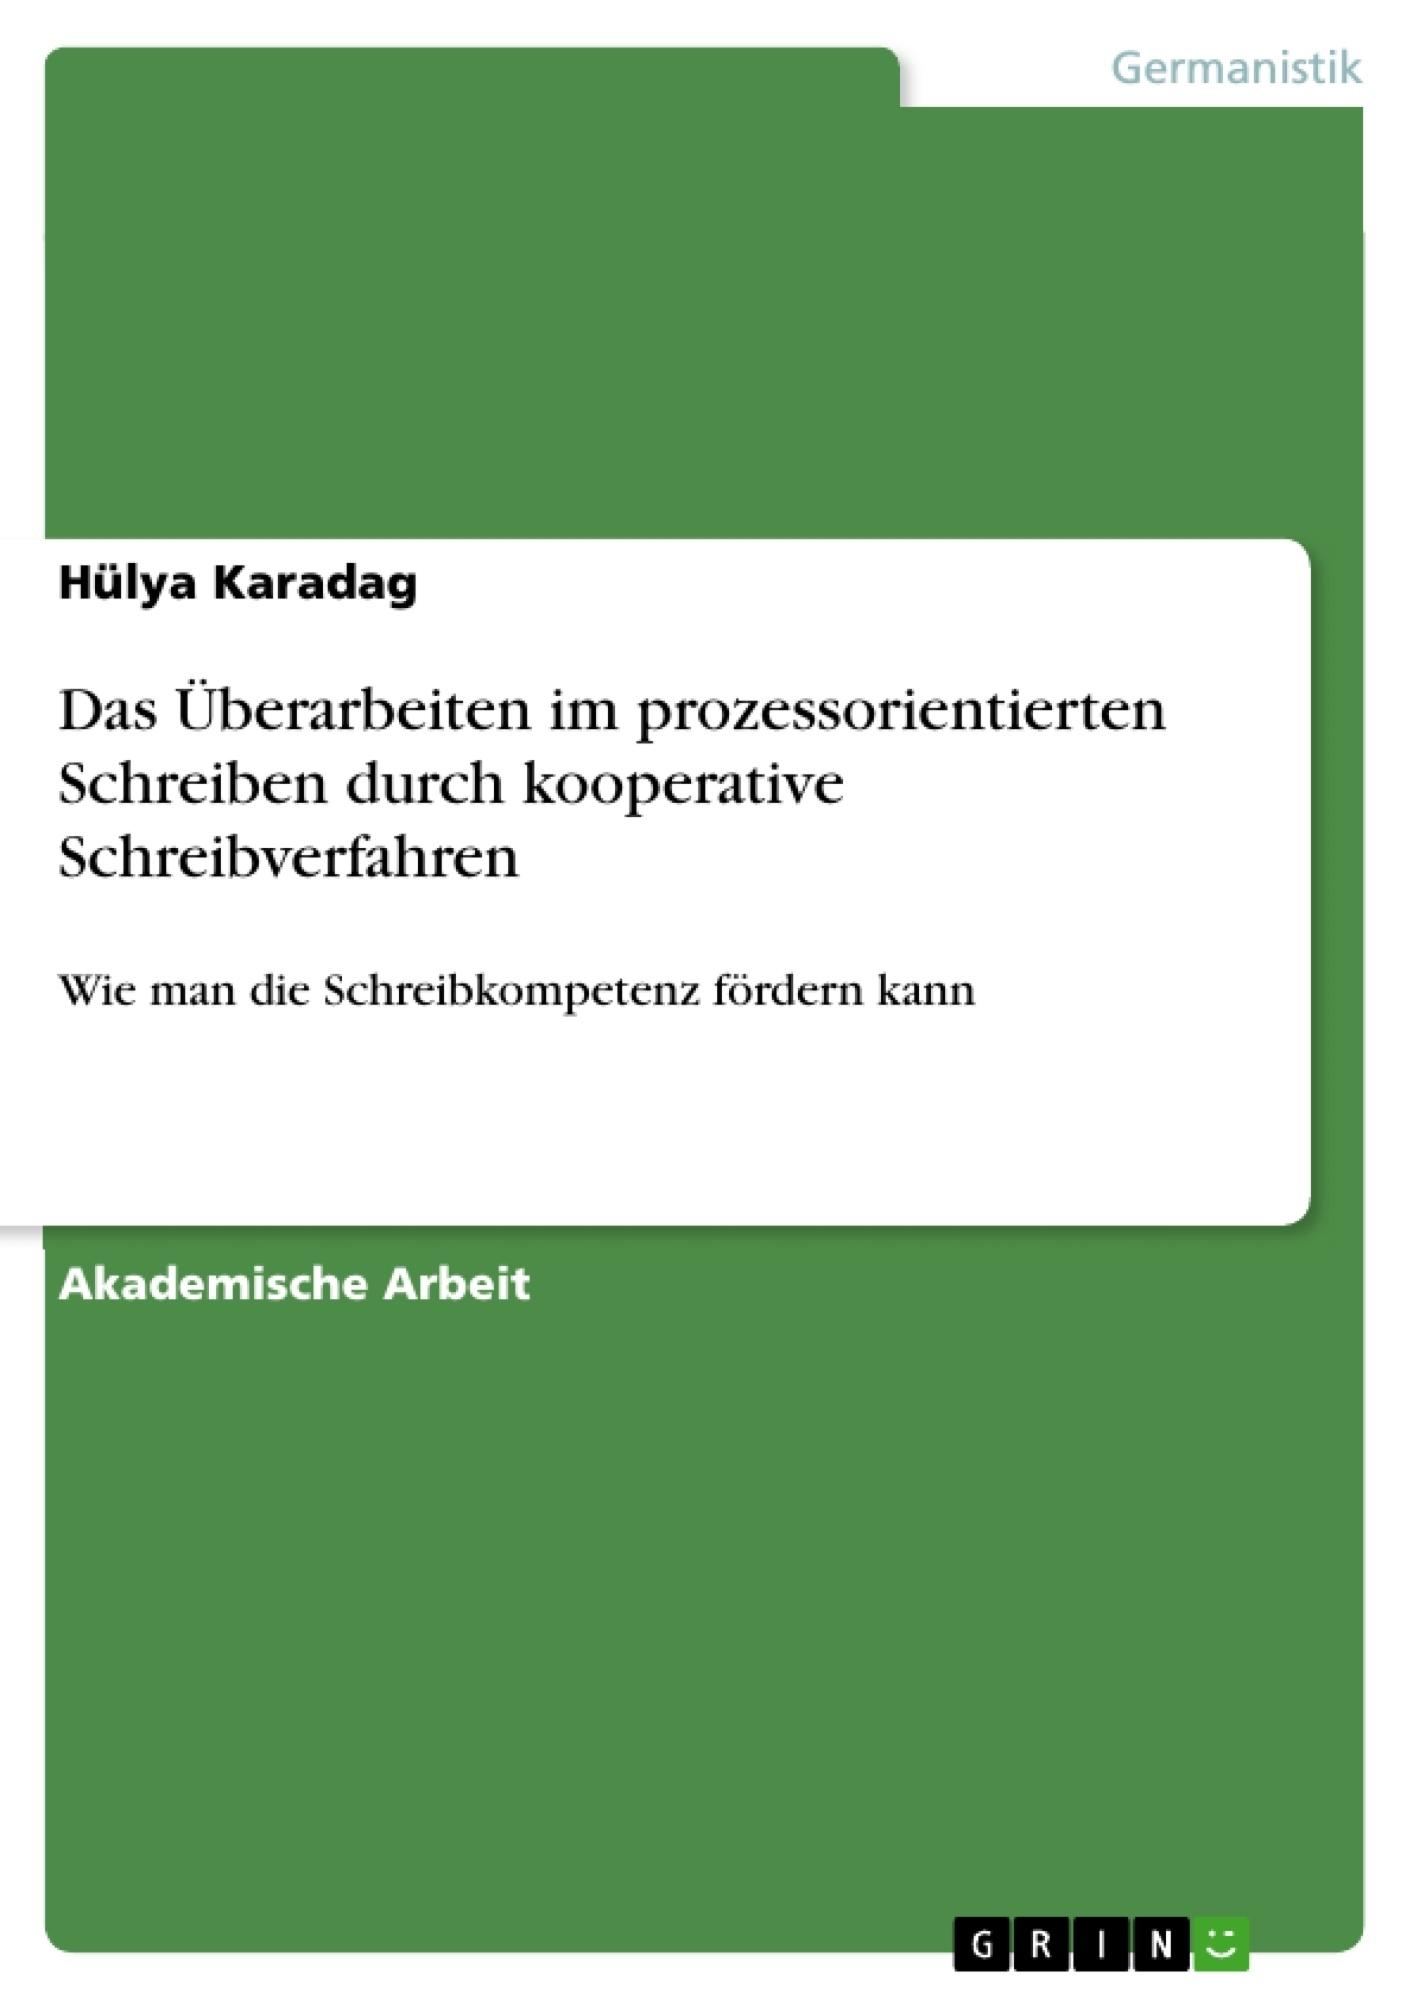 Titel: Das Überarbeiten im prozessorientierten Schreiben durch kooperative Schreibverfahren